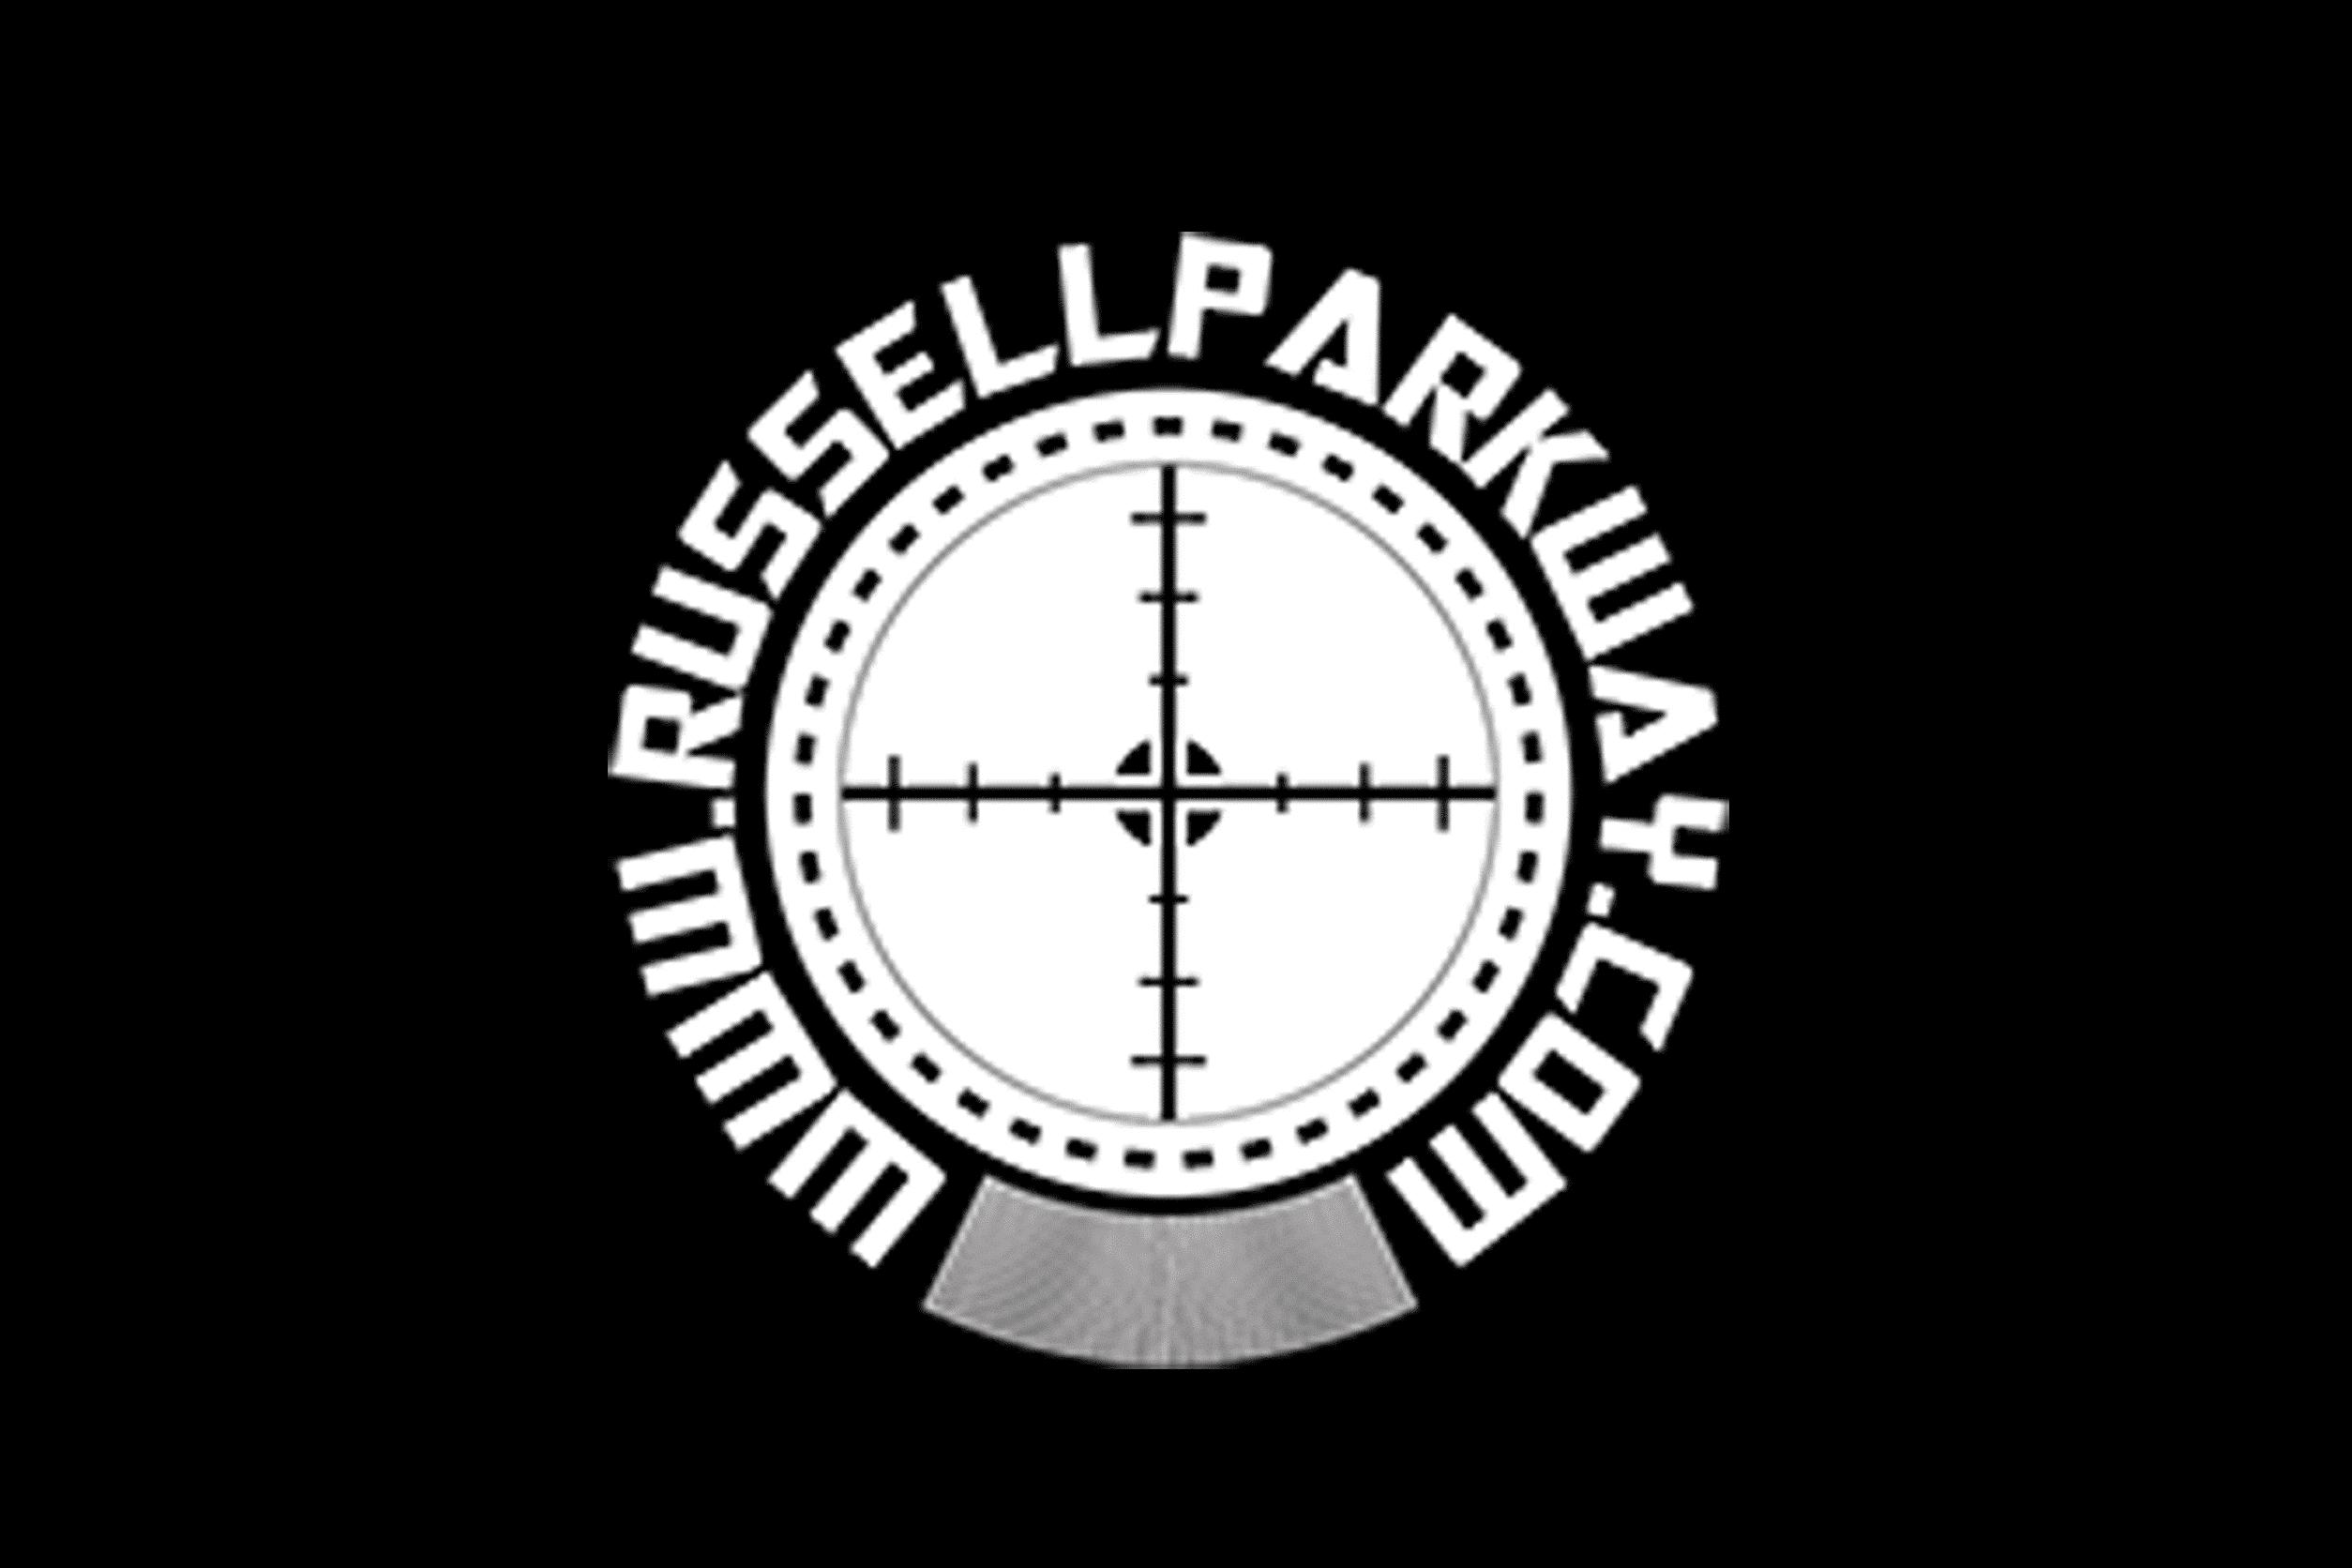 Russell Brooks logoOnBlack2